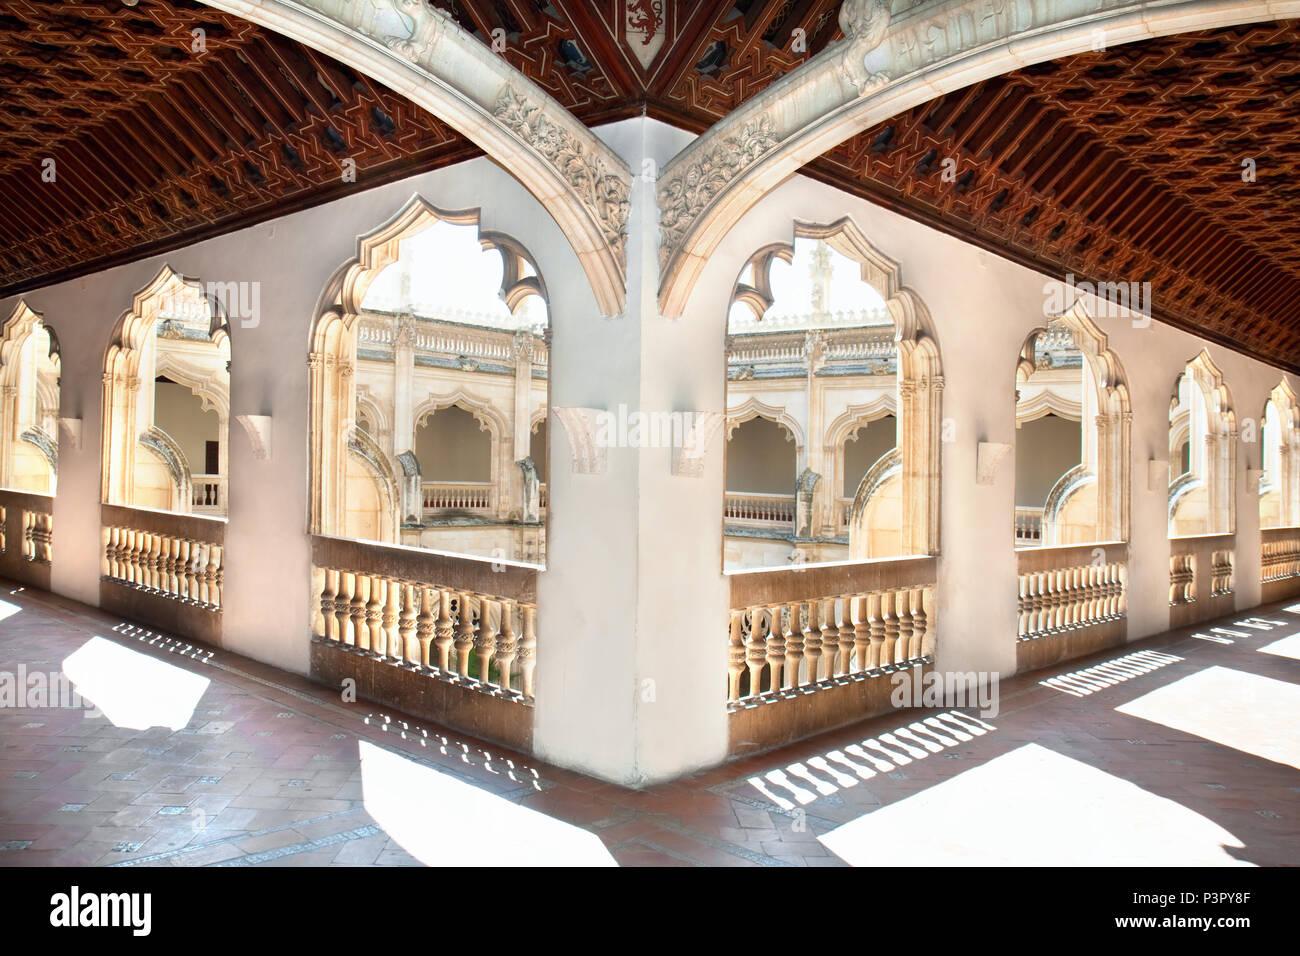 Hols of Claustro de Saint Juan de los Reyes in Toledo, Spain - Stock Image